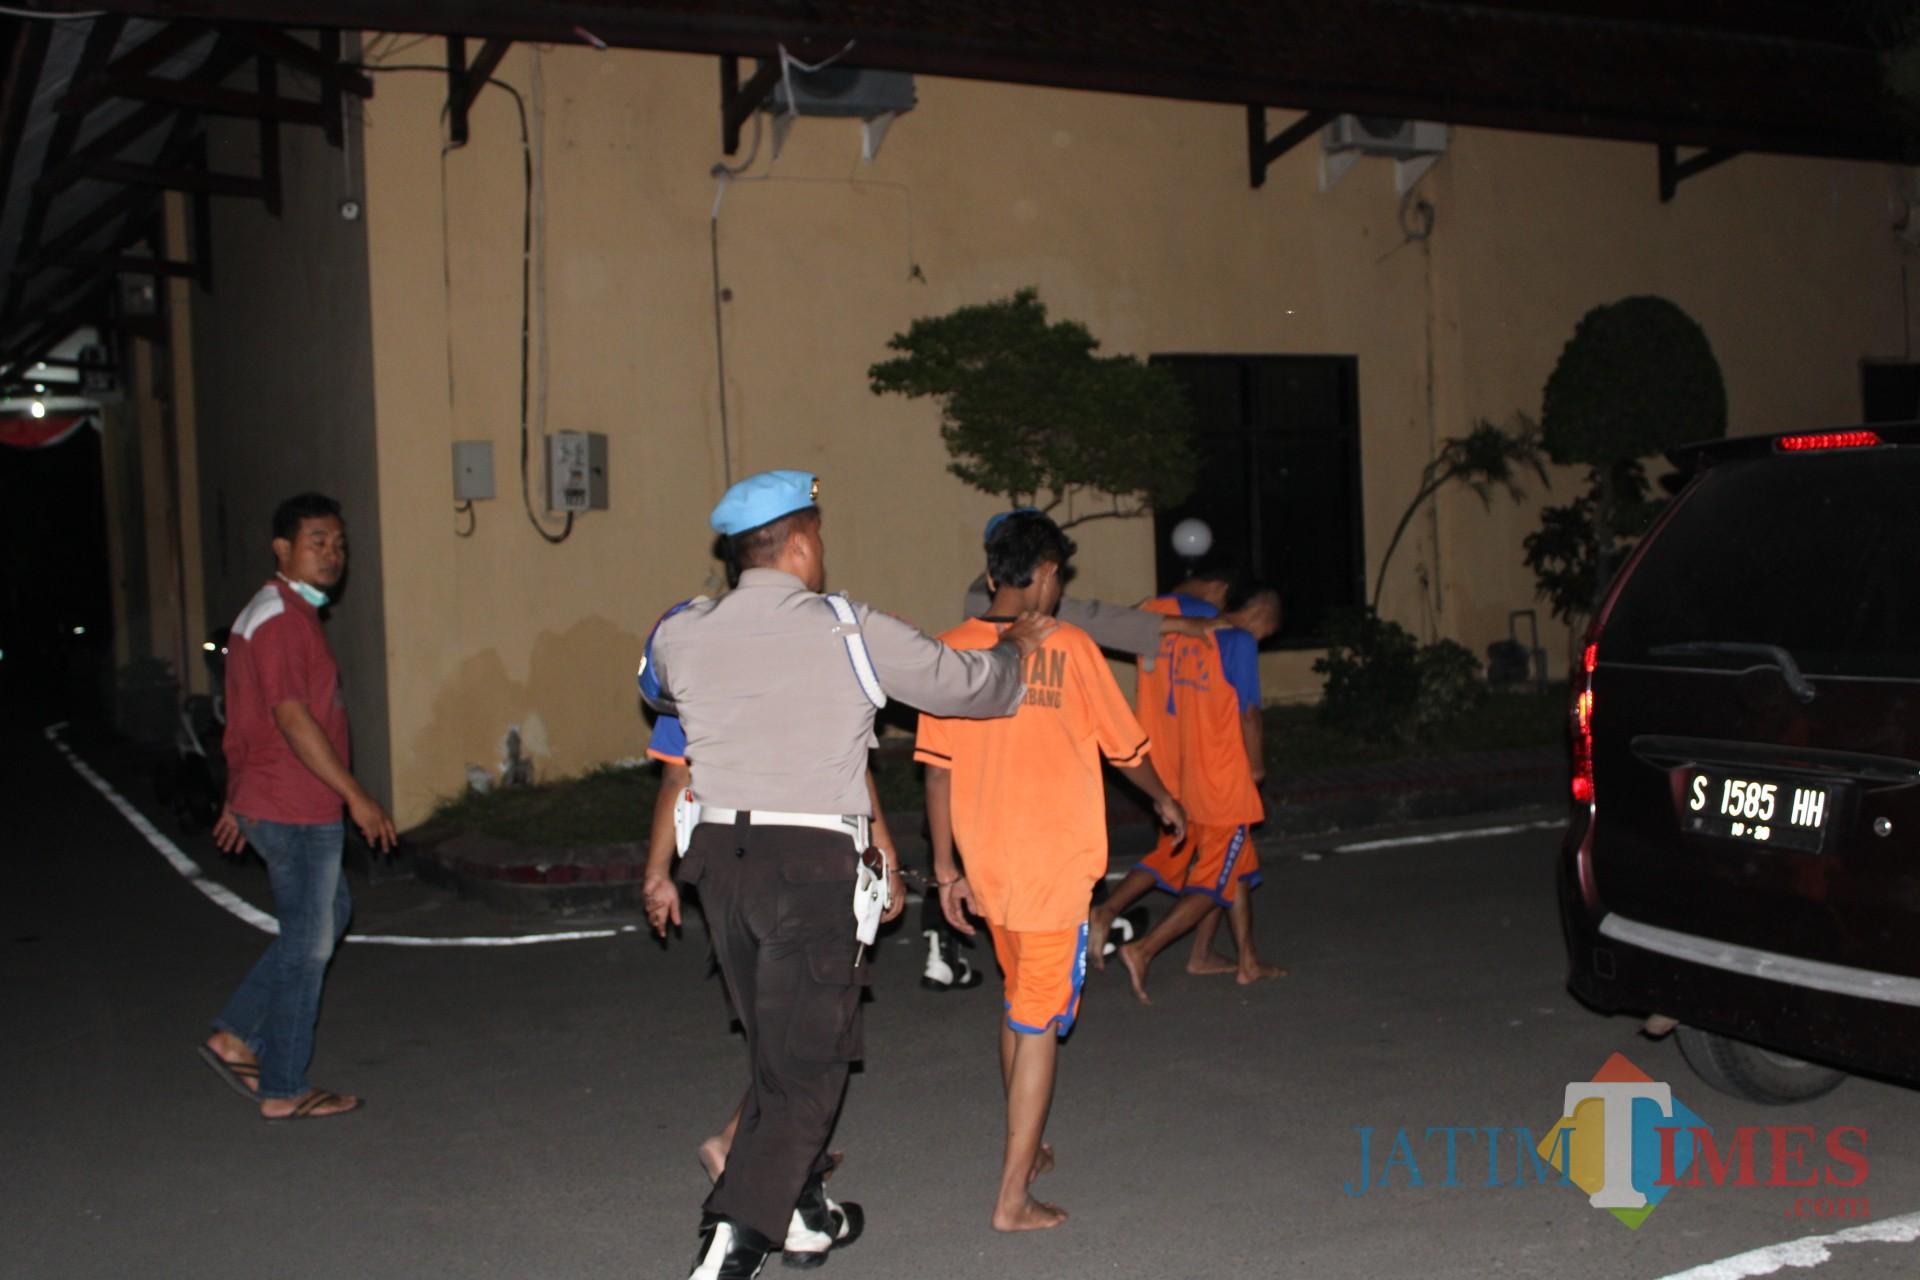 Sejumlah pelaku pengedar pil koplo yang berstatus pelajar digelandang ke sel tahanan oleh anggota polisi Polres Jombang. (Foto : Adi Rosul / JombangTIMES)